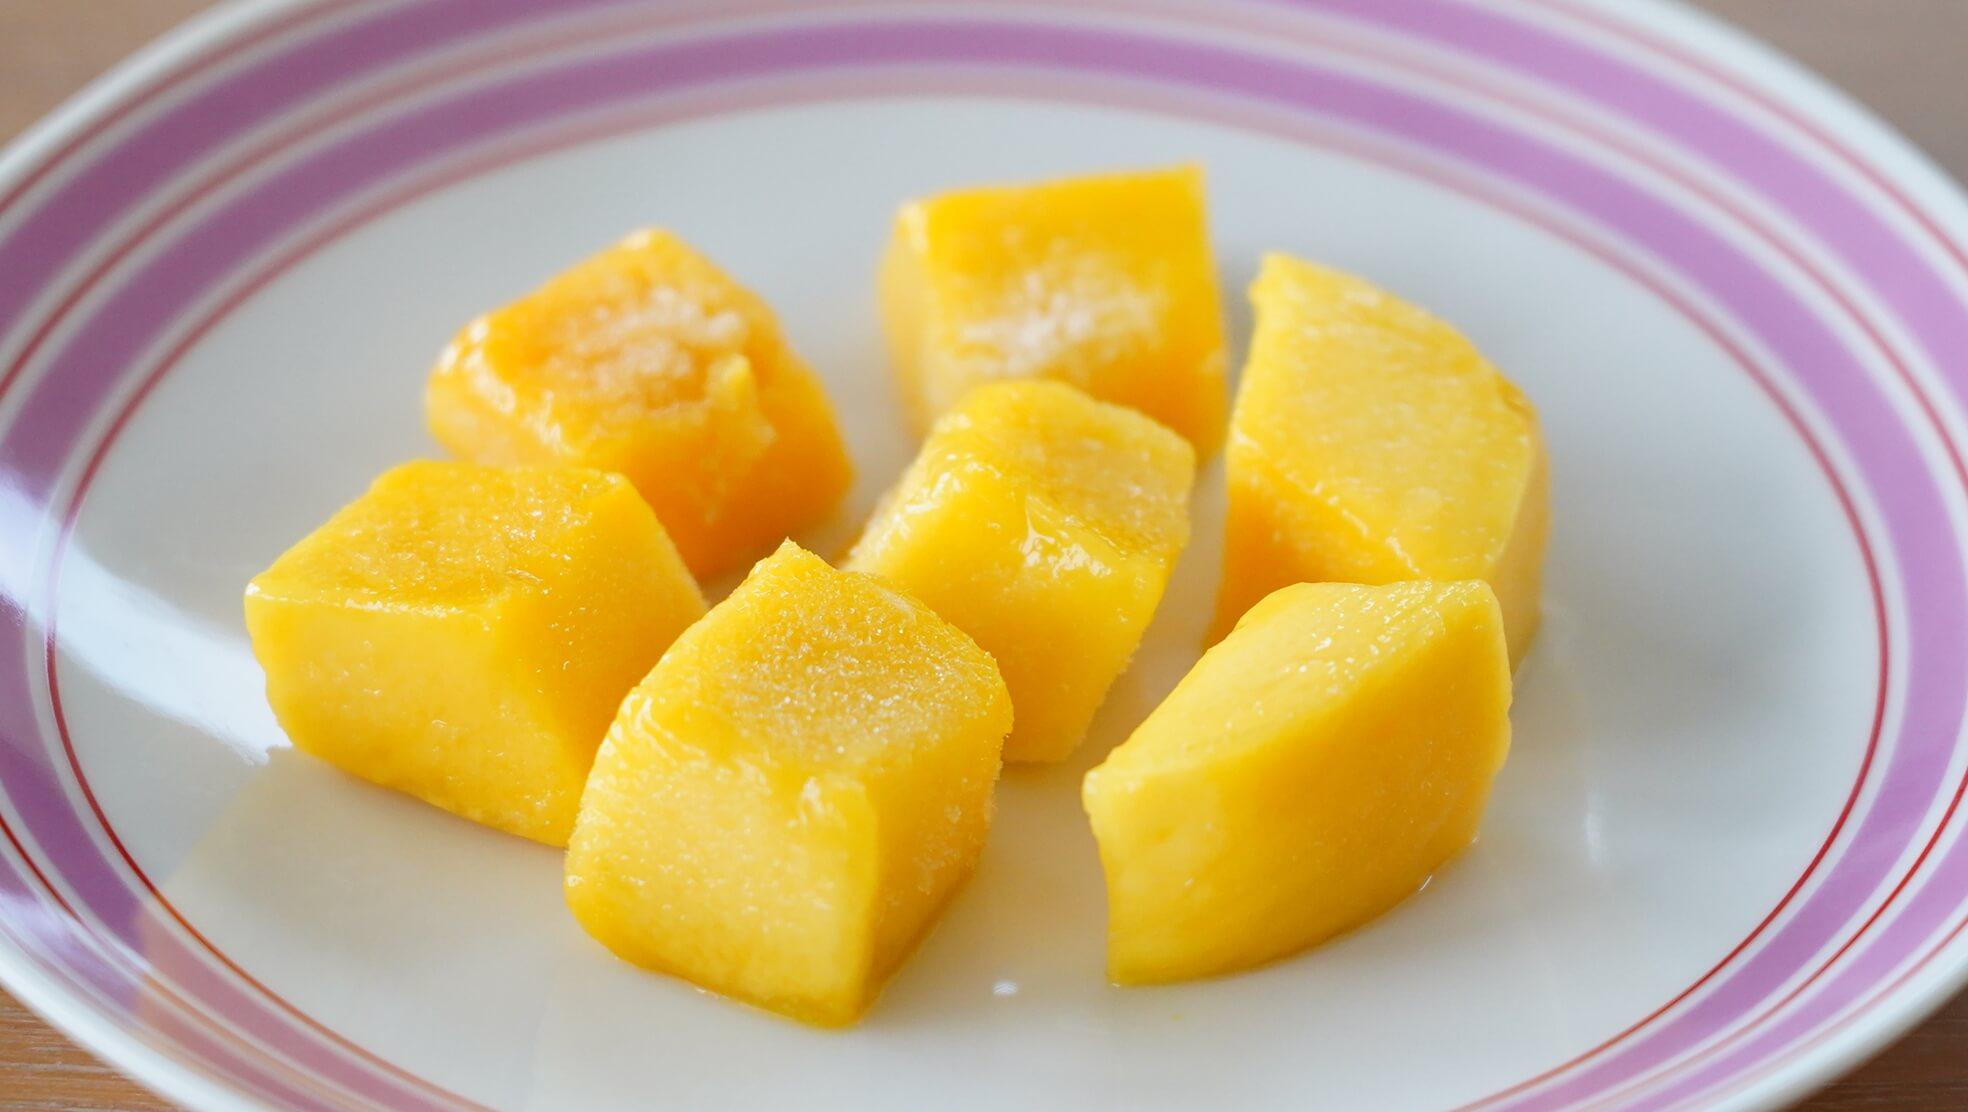 解凍後のコストコの冷凍マンゴー「トロピカルマリア・マンゴーチャンク」